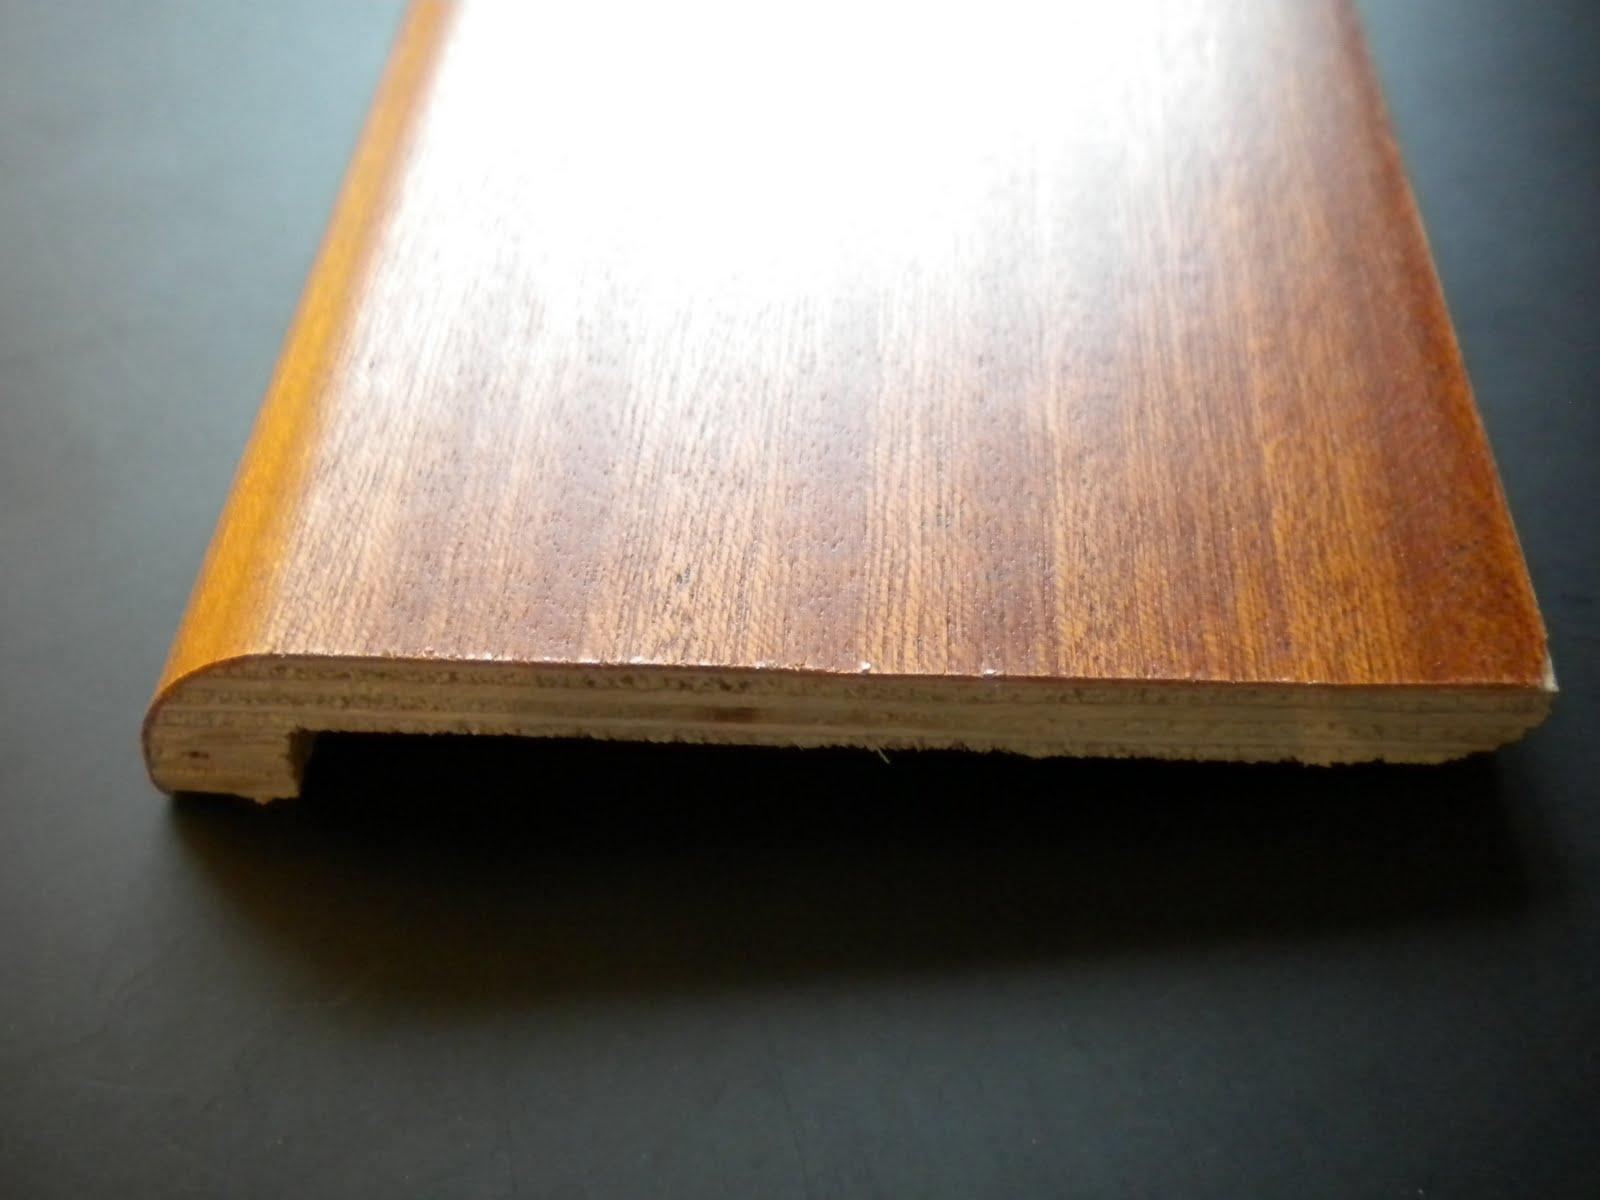 Battiscopa coprimarmo 100x20 riv in 5 essenze di legno ebay for Battiscopa ikea